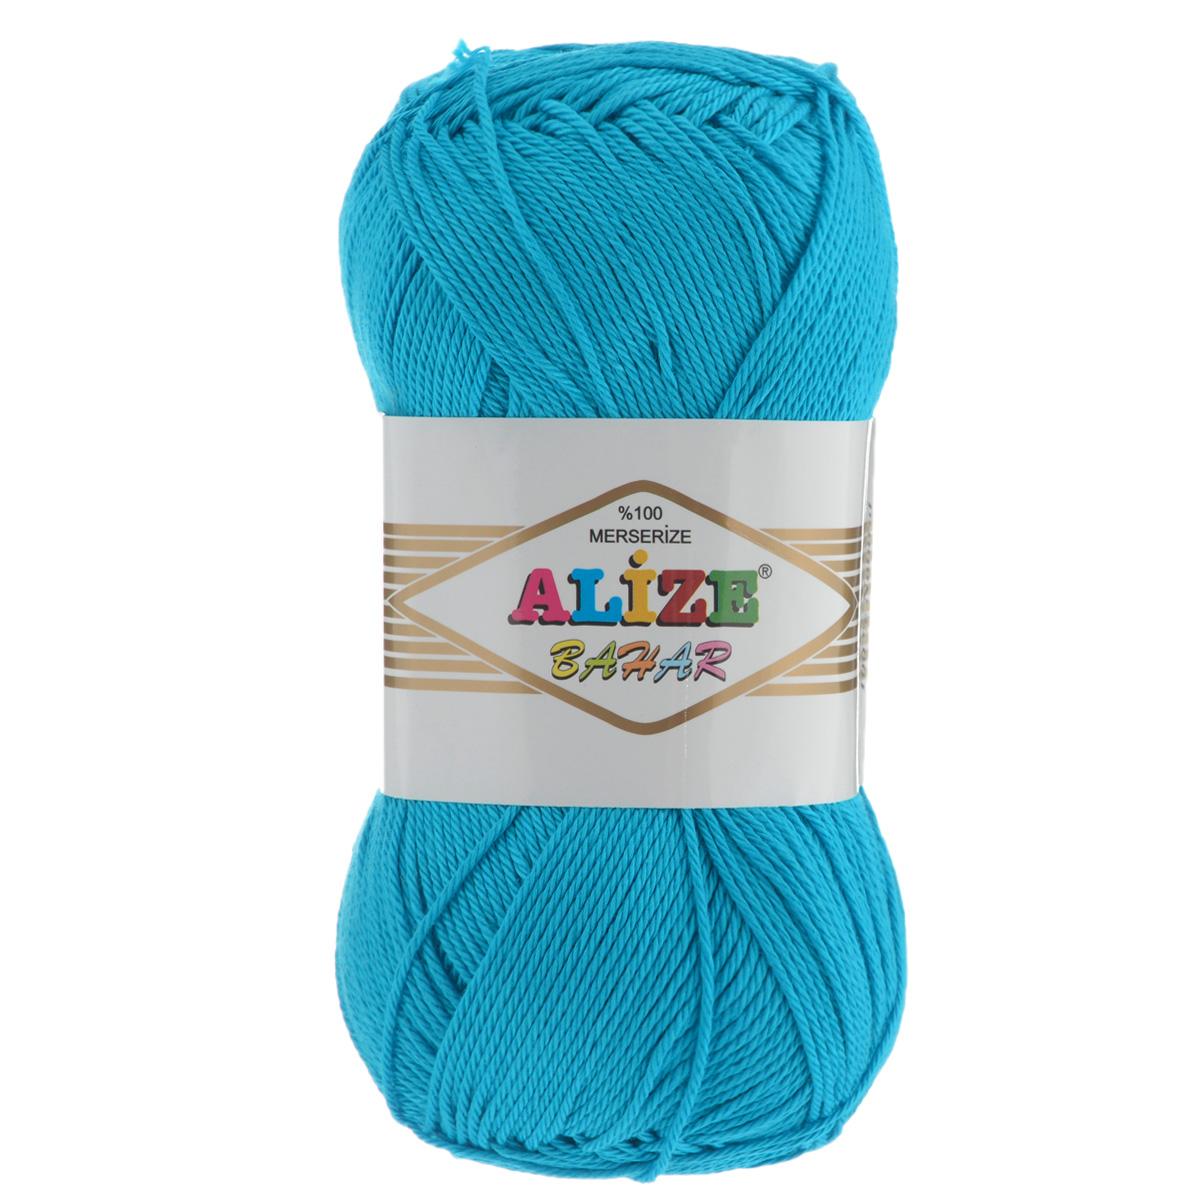 Пряжа для вязания Alize Bahar, цвет: бирюзовый (16), 260 м, 100 г, 5 шт364089_16Пряжа Alize Bahar подходит для ручного вязания детям и взрослым. Пряжа однотонная, приятная на ощупь, хорошо лежит в полотне. Изделия из такой нити получаются мягкие и красивые. Рекомендованные спицы 3-5 мм и крючок для вязания 2-4 мм. Комплектация: 5 мотков. Состав: 100% хлопок.